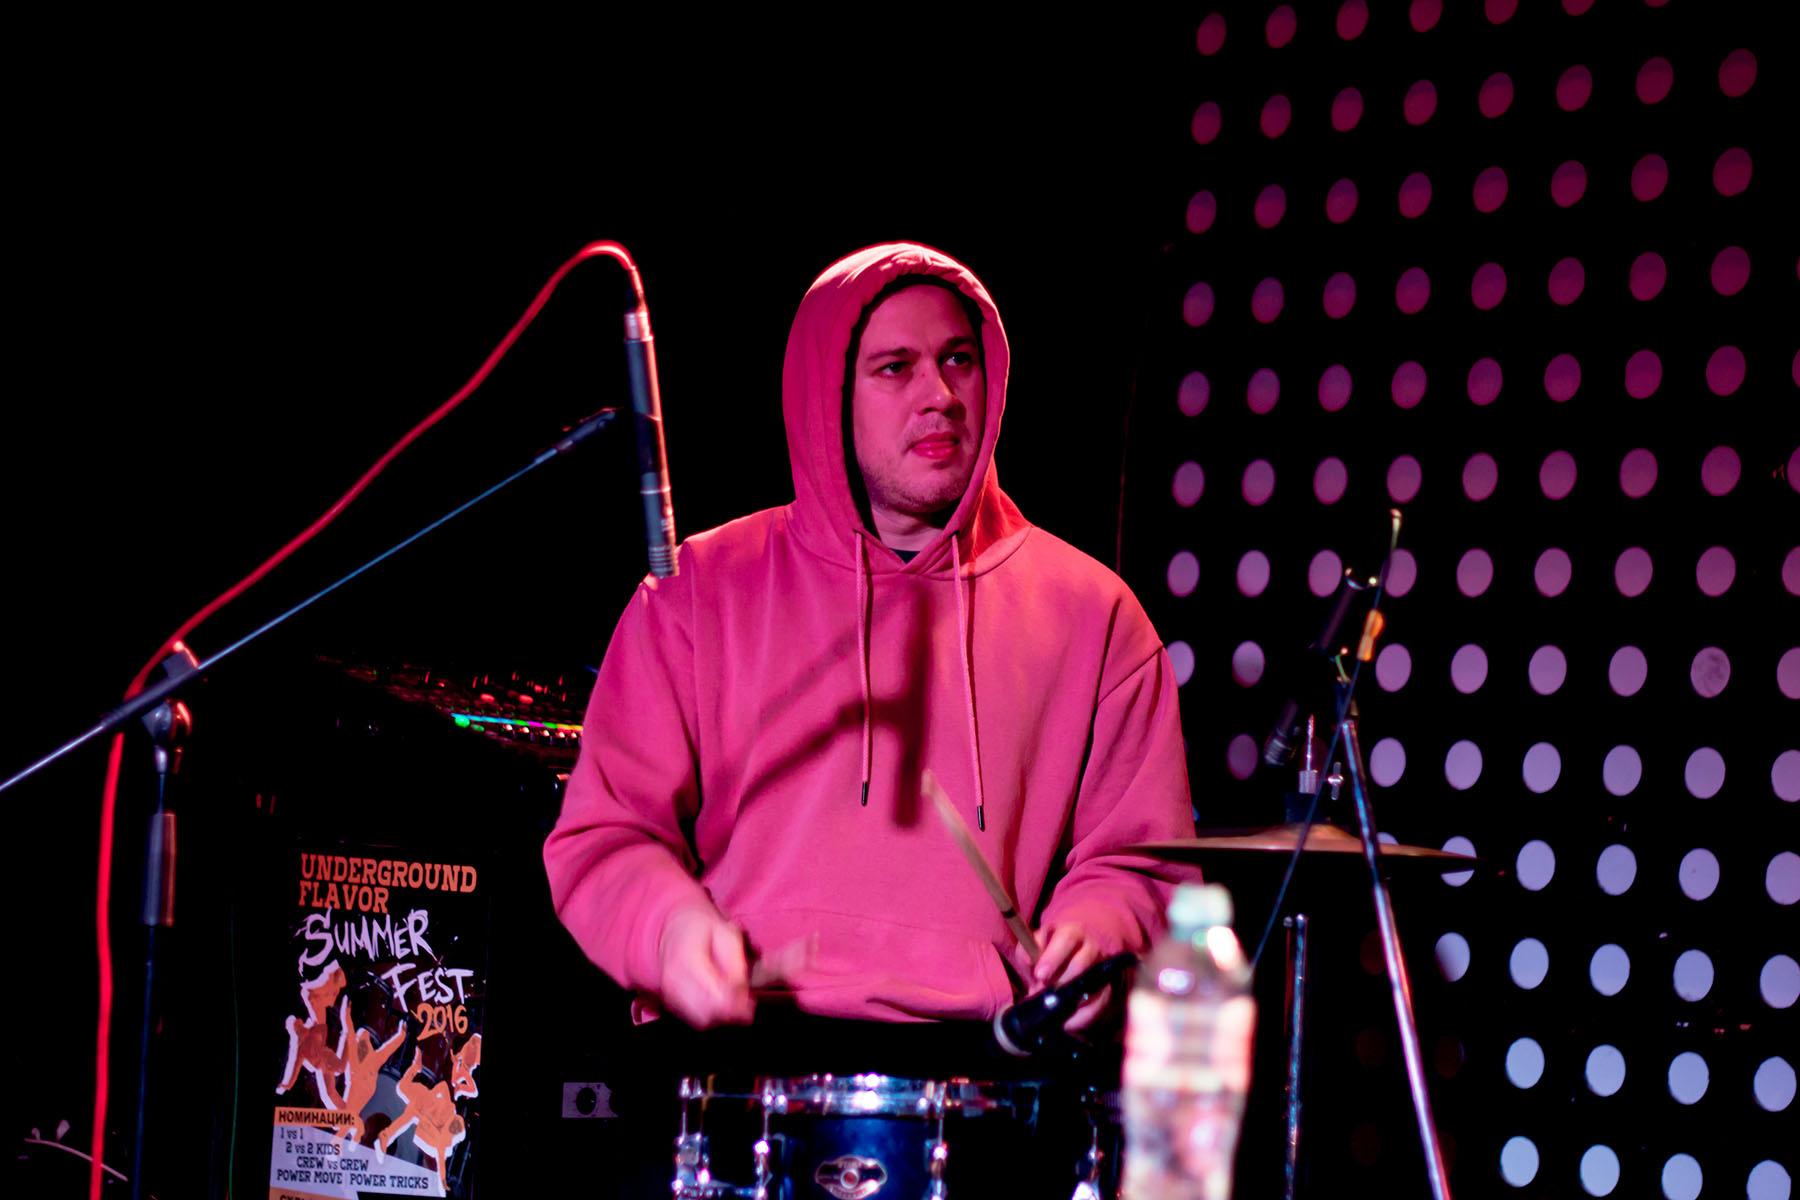 Акустический концерт двух Виталиков 17 янв 2020 в Sgt.Pepper's Bar в Краснодаре